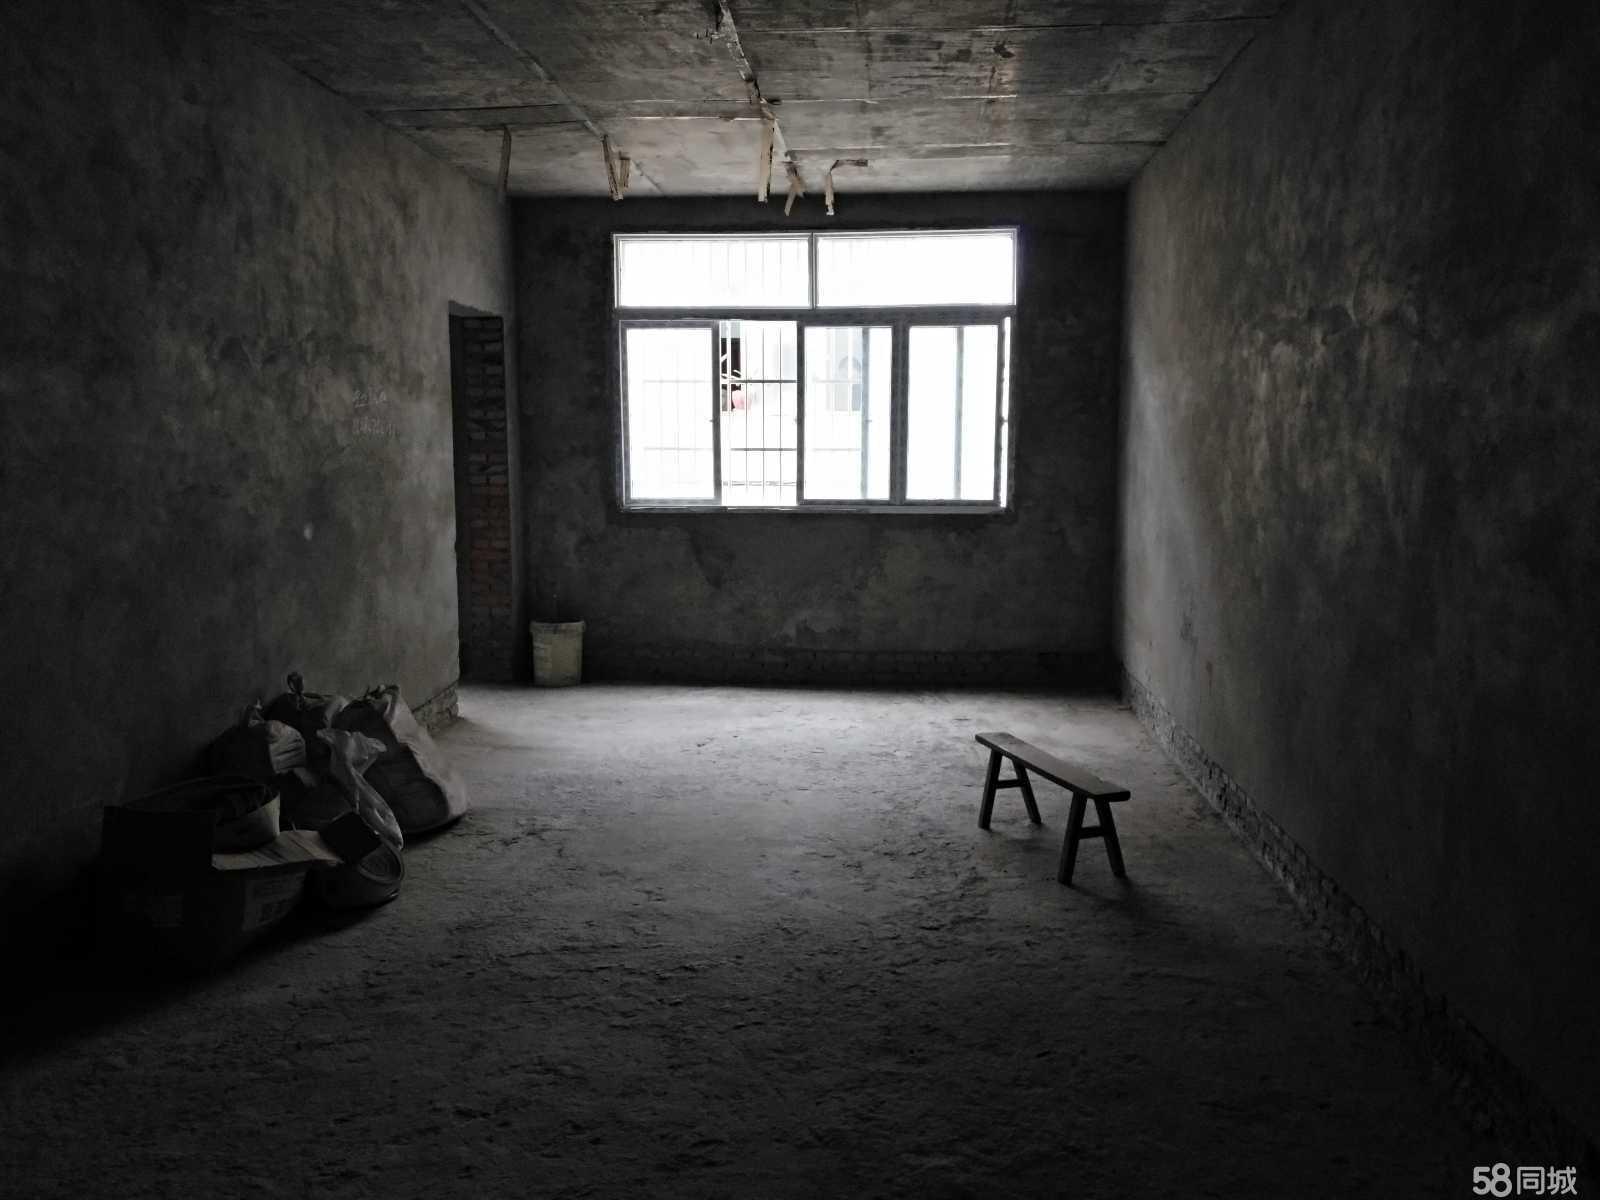 恩阳赵家大院旁4室2厅2卫120平米